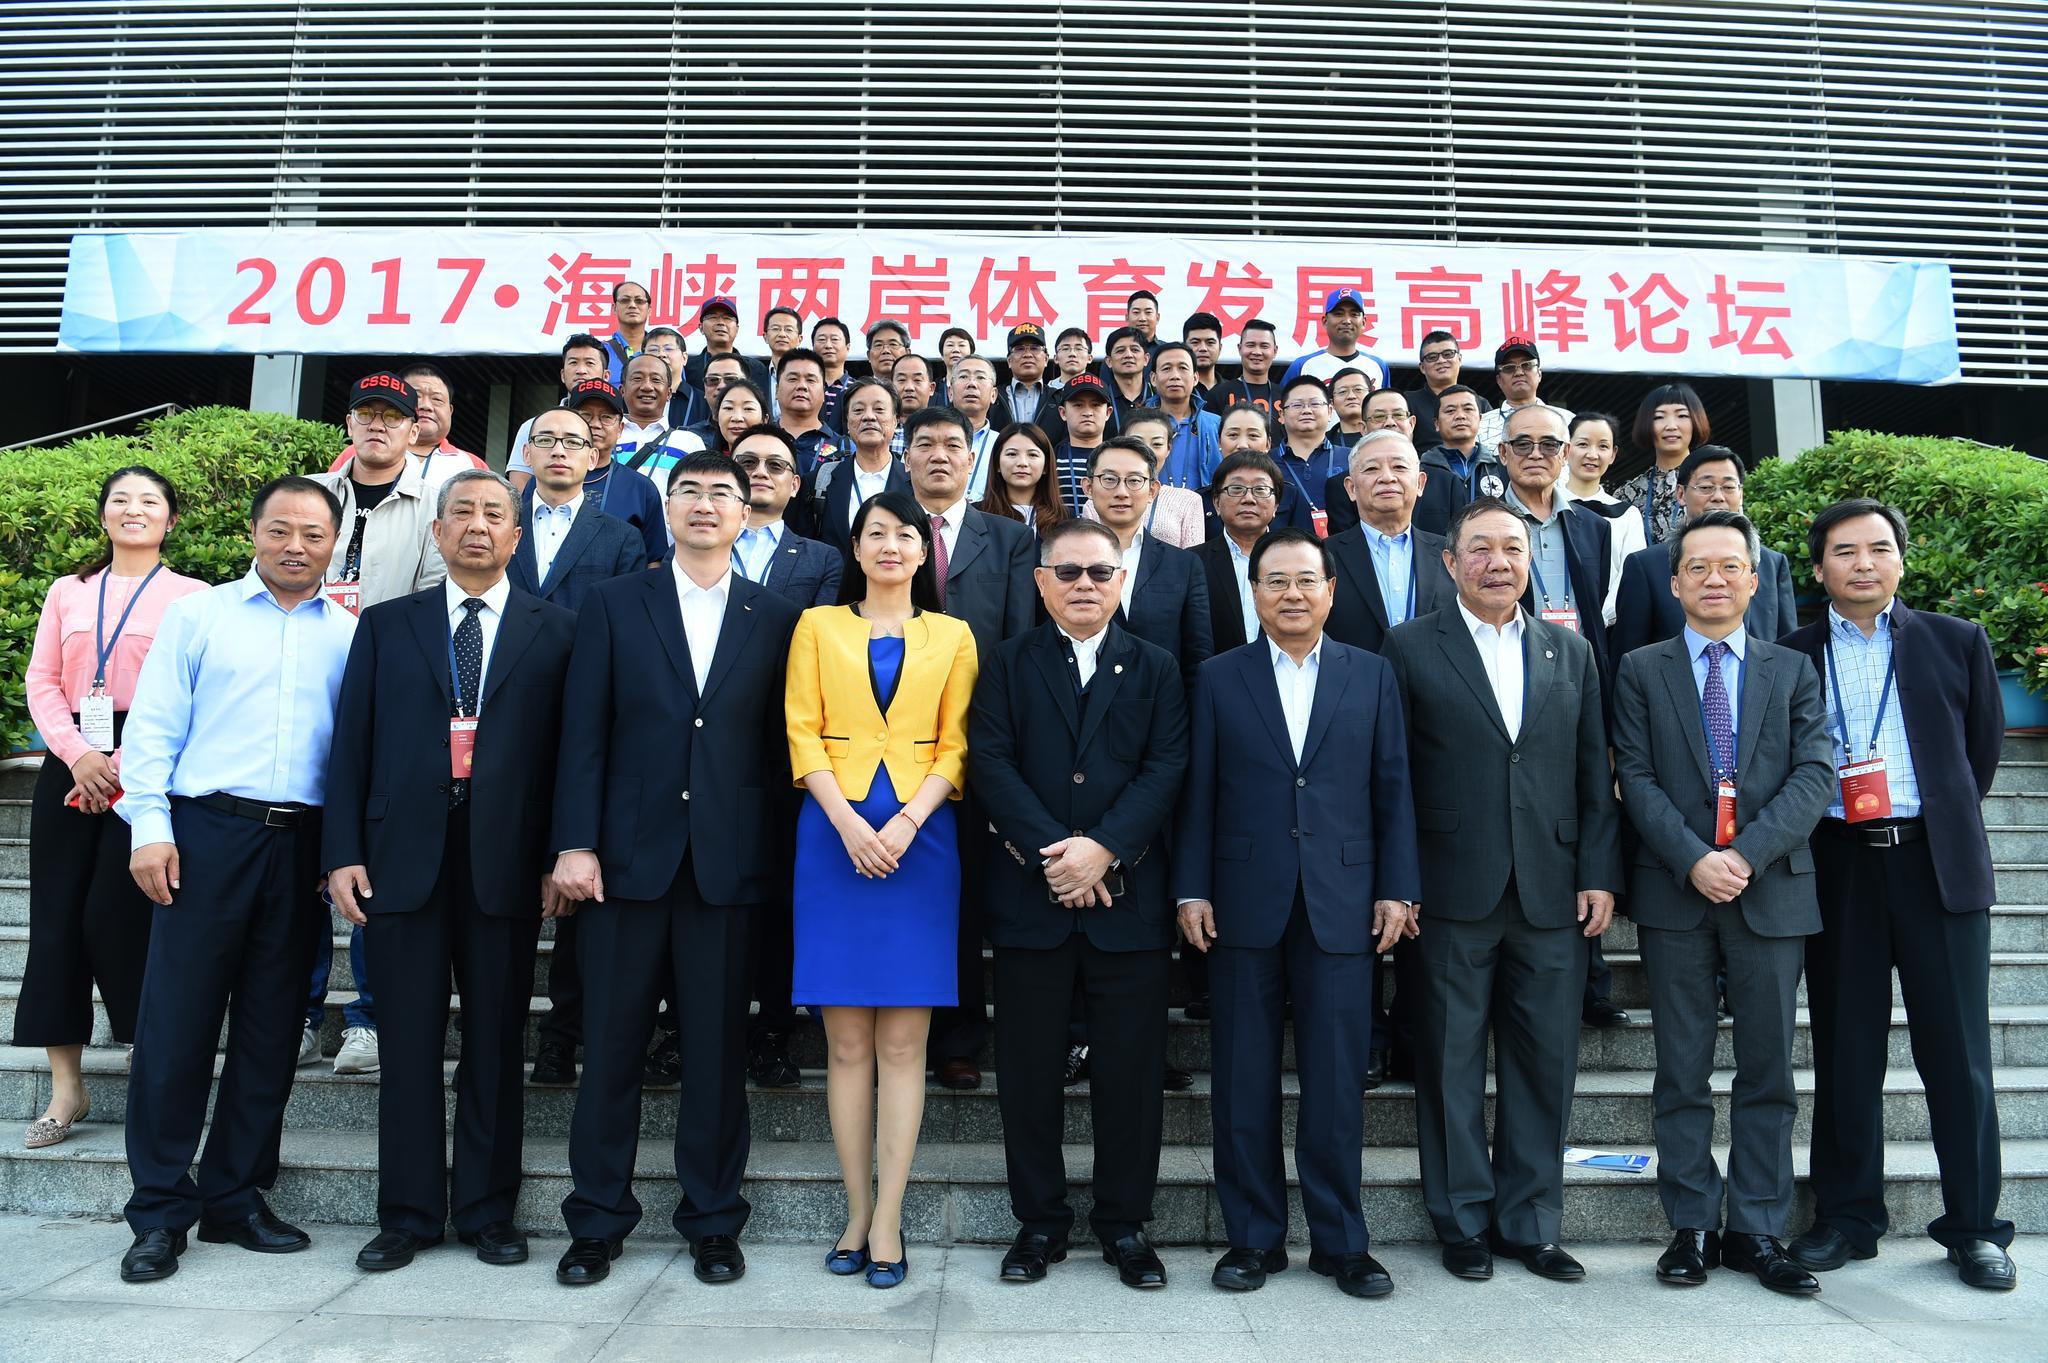 2017海峡两岸体育发展高峰论坛在深圳大学举行